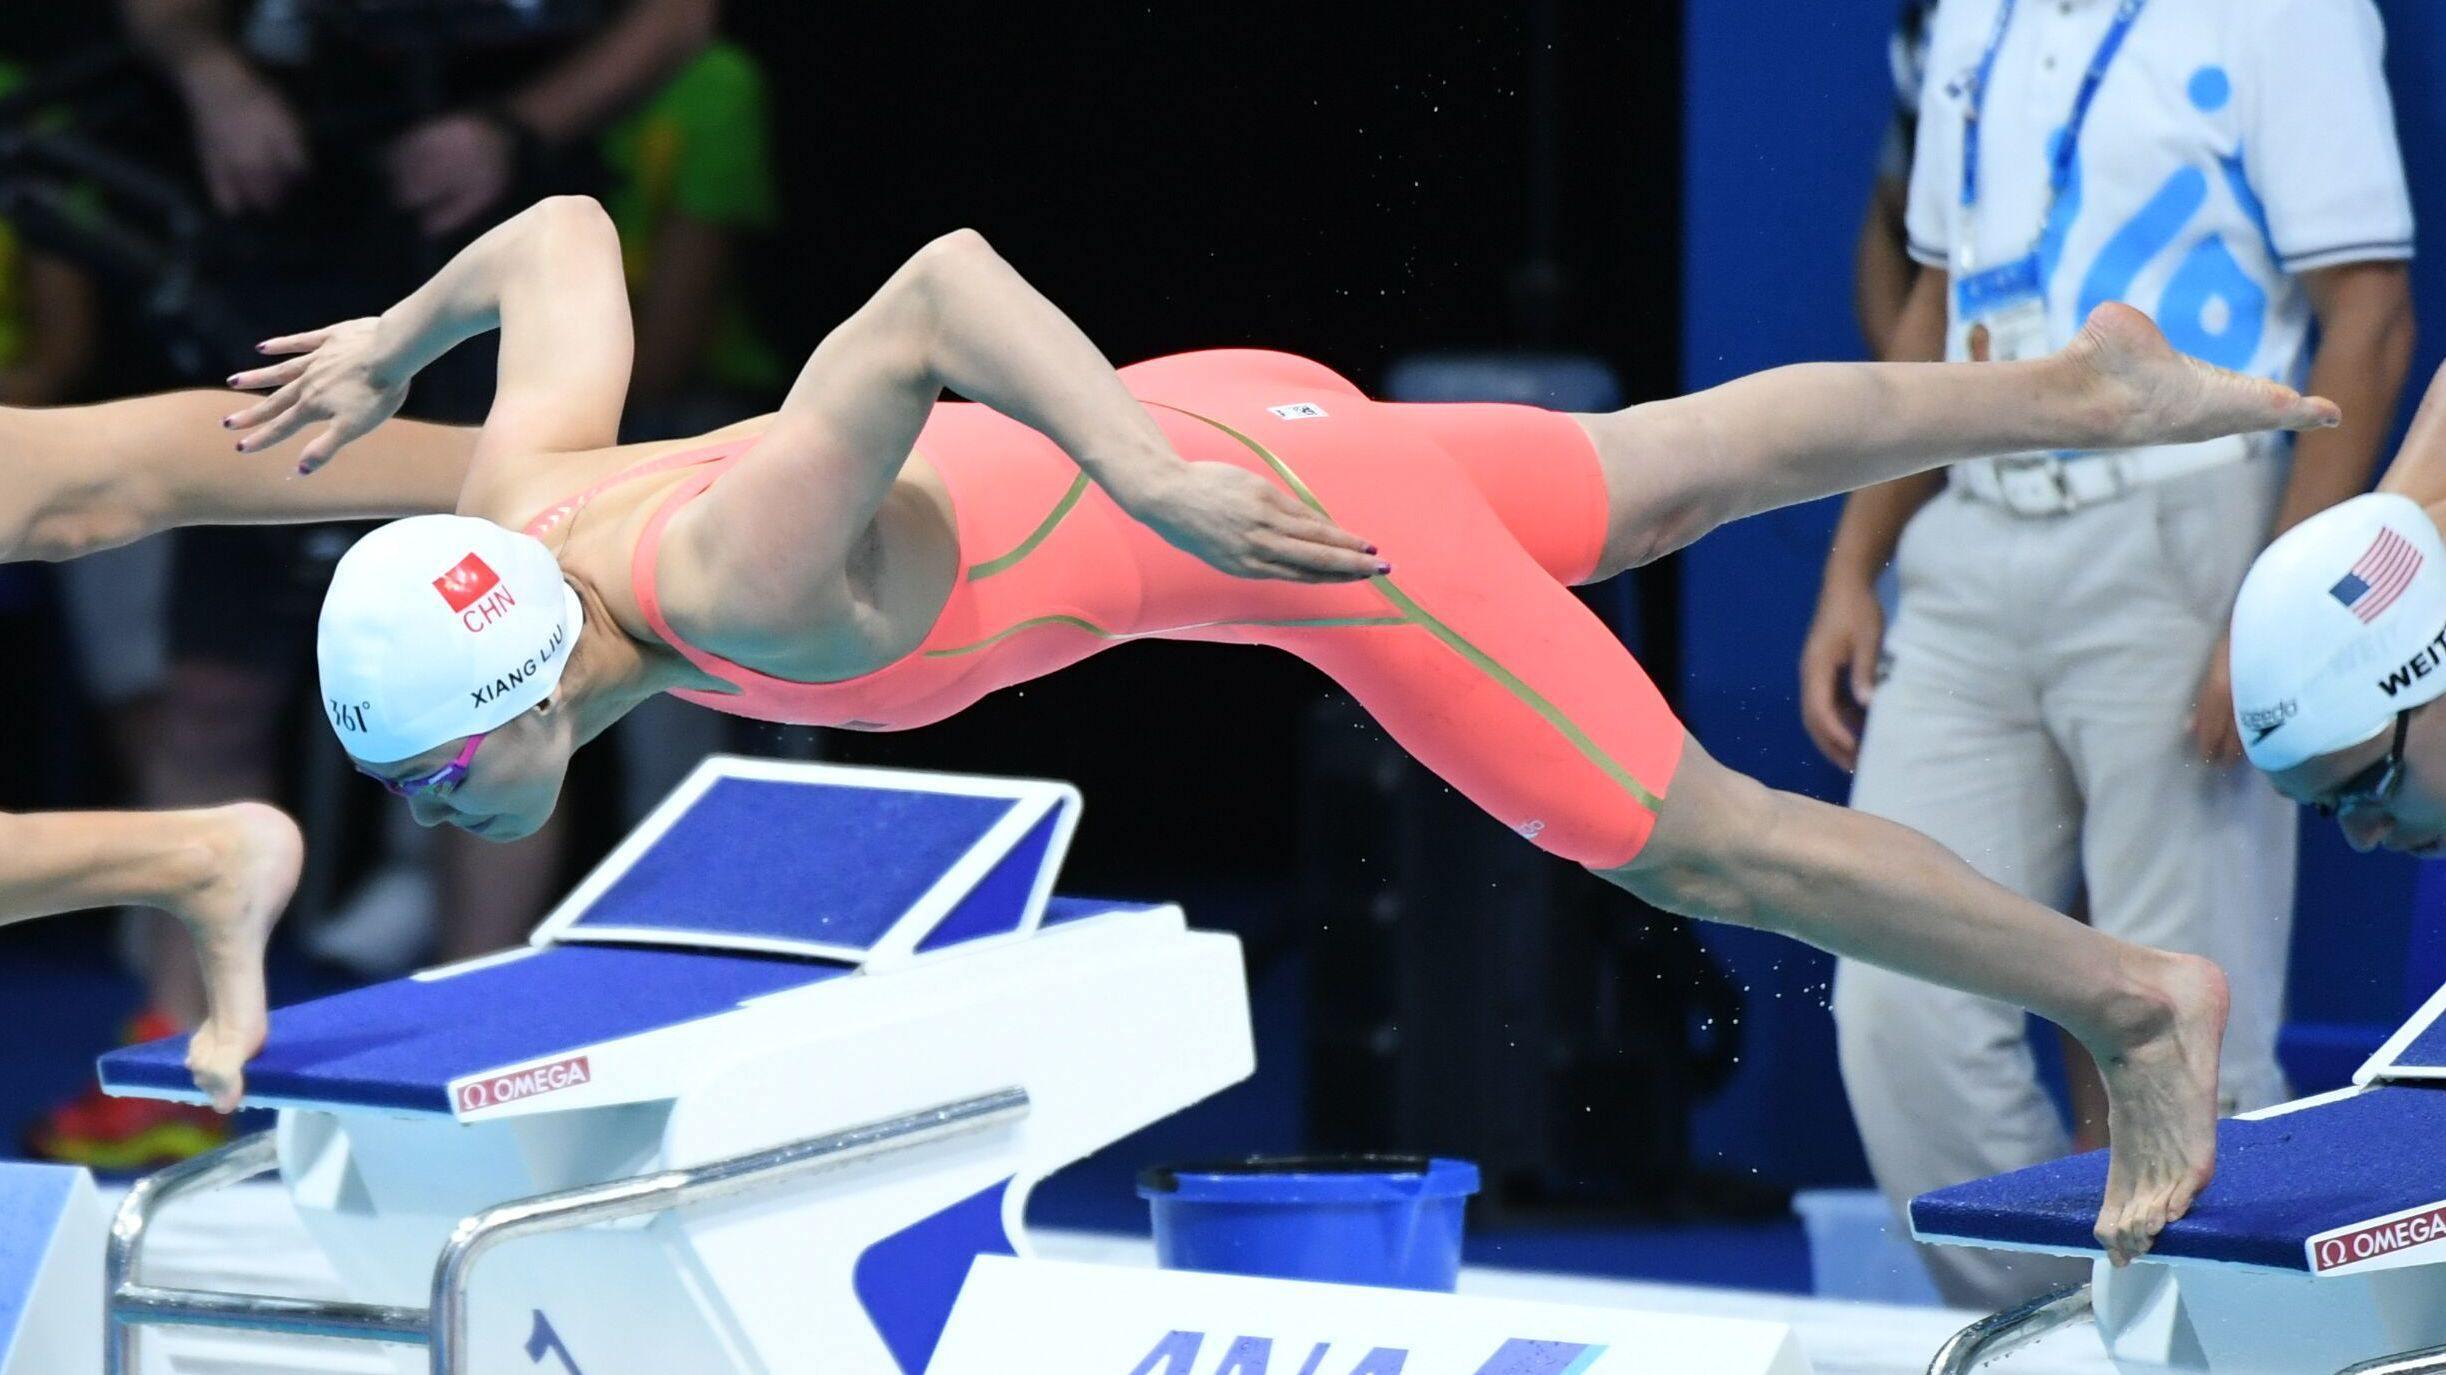 【回放】男子50自决赛 美国名将再度制霸短道泳池_冠军时刻